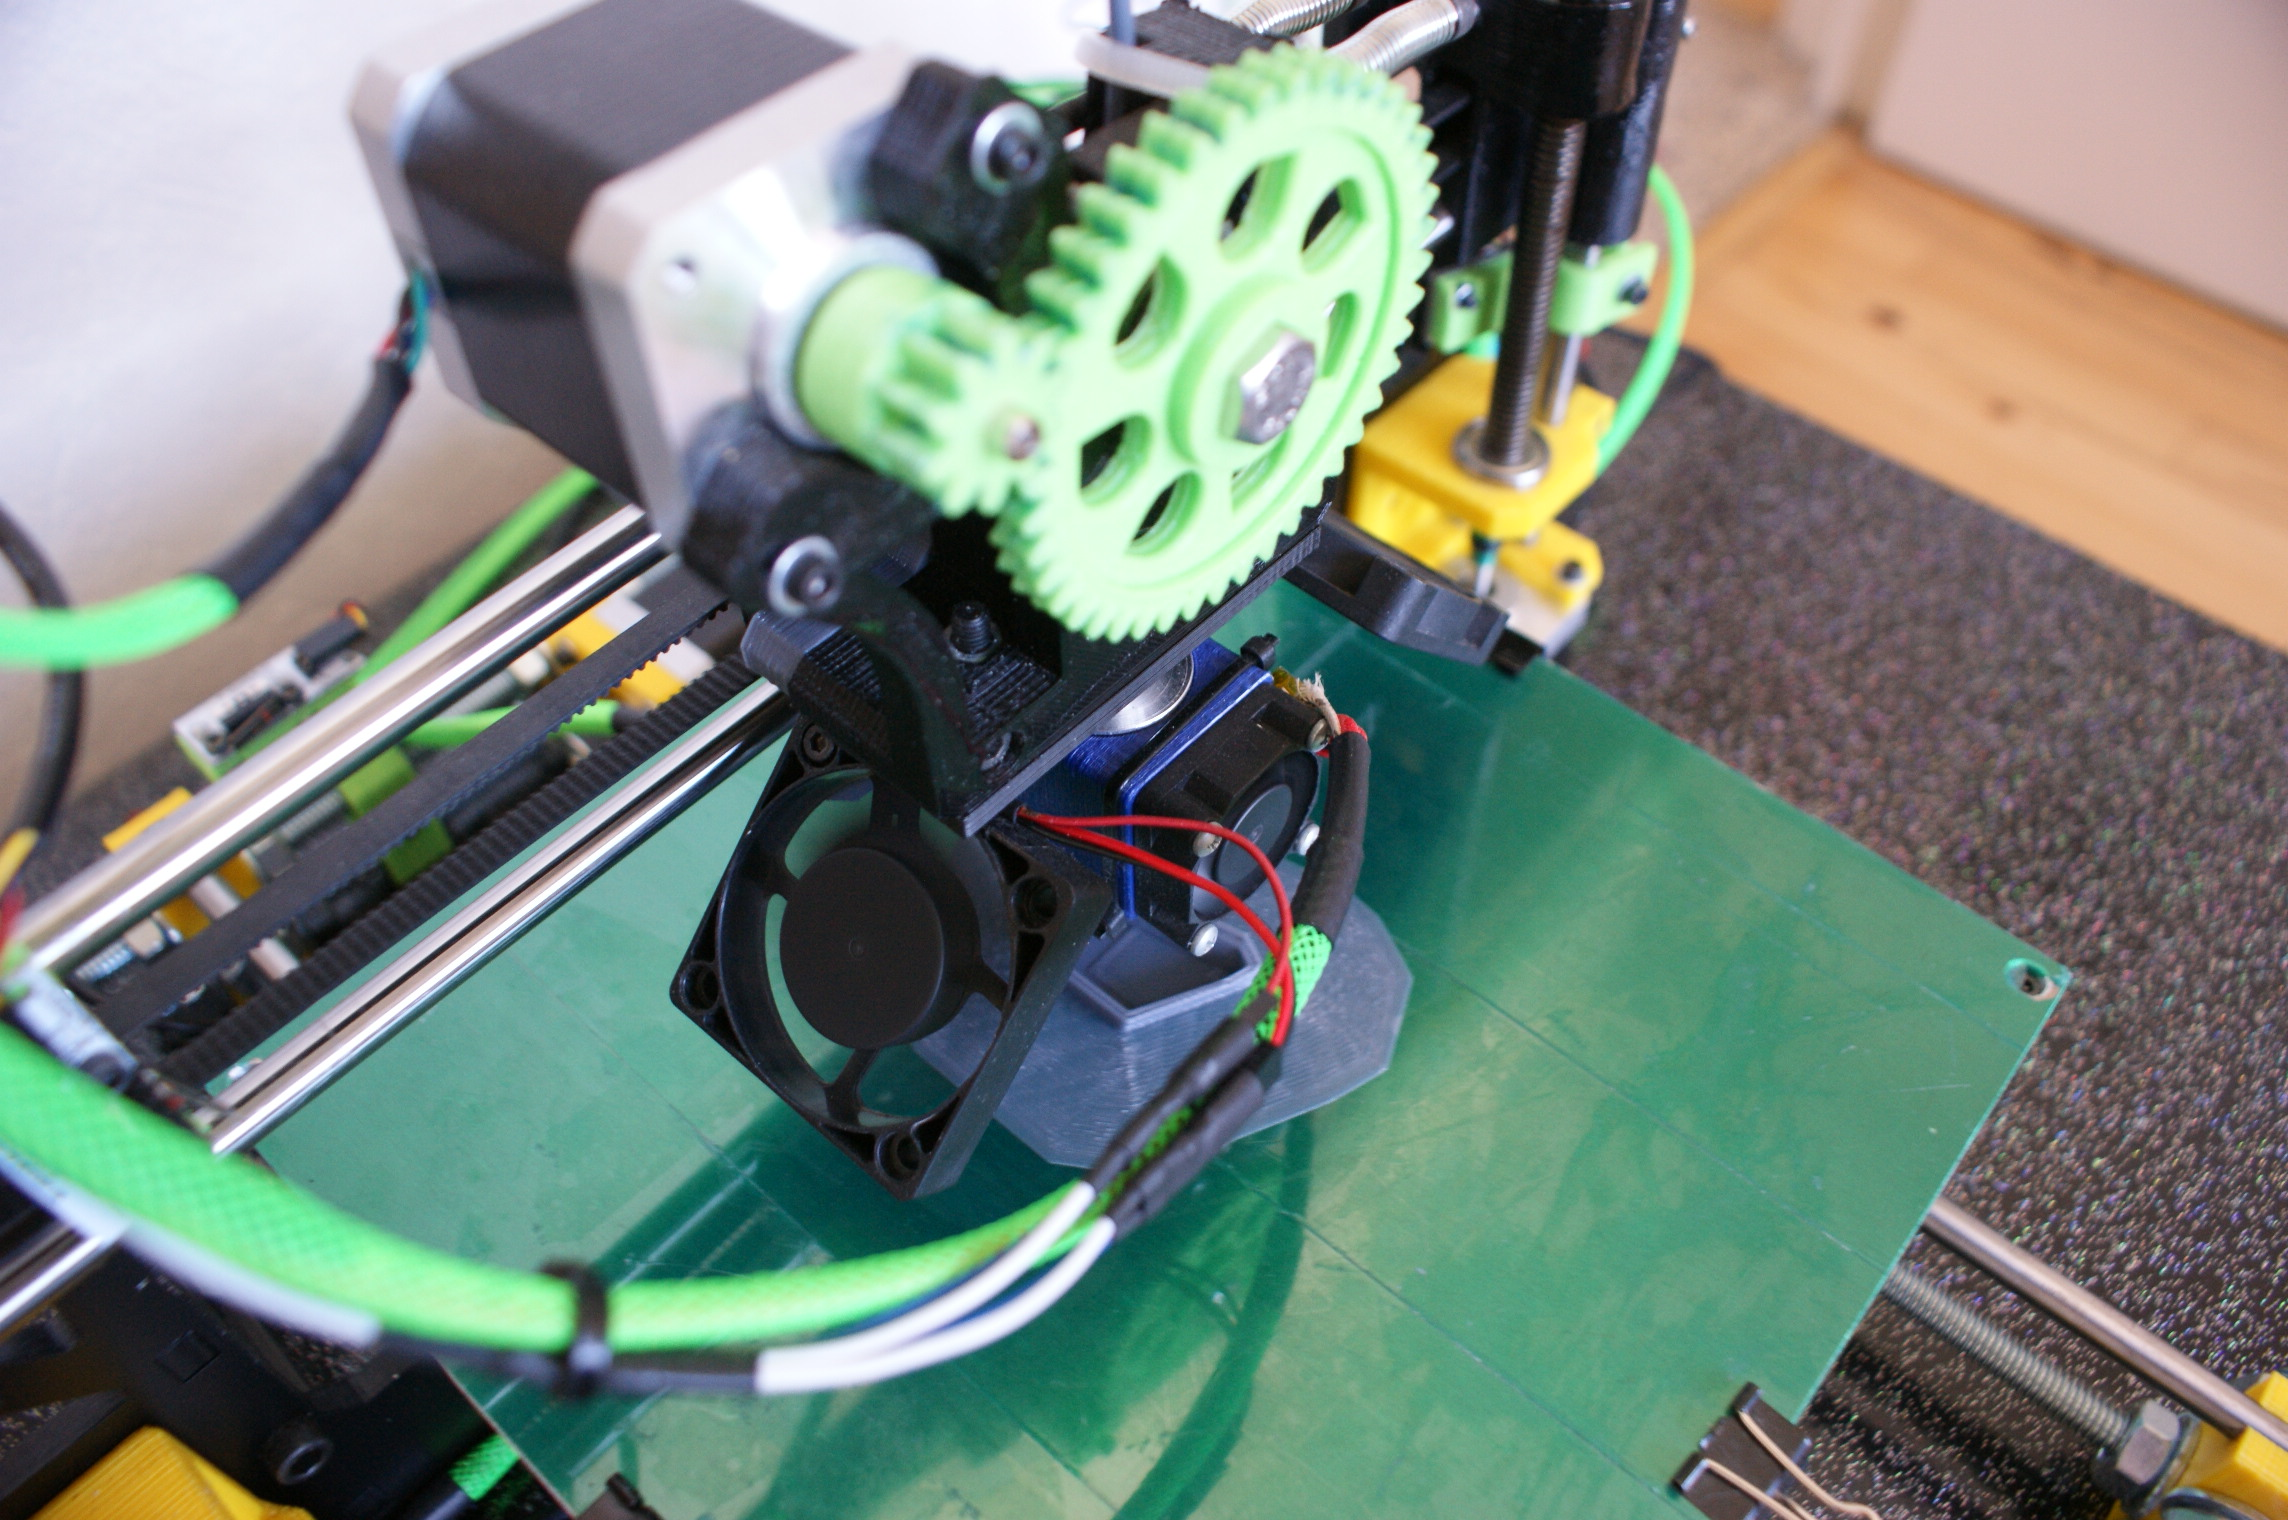 Utiliser l'impression 3D pour créer du rangement personnalisé